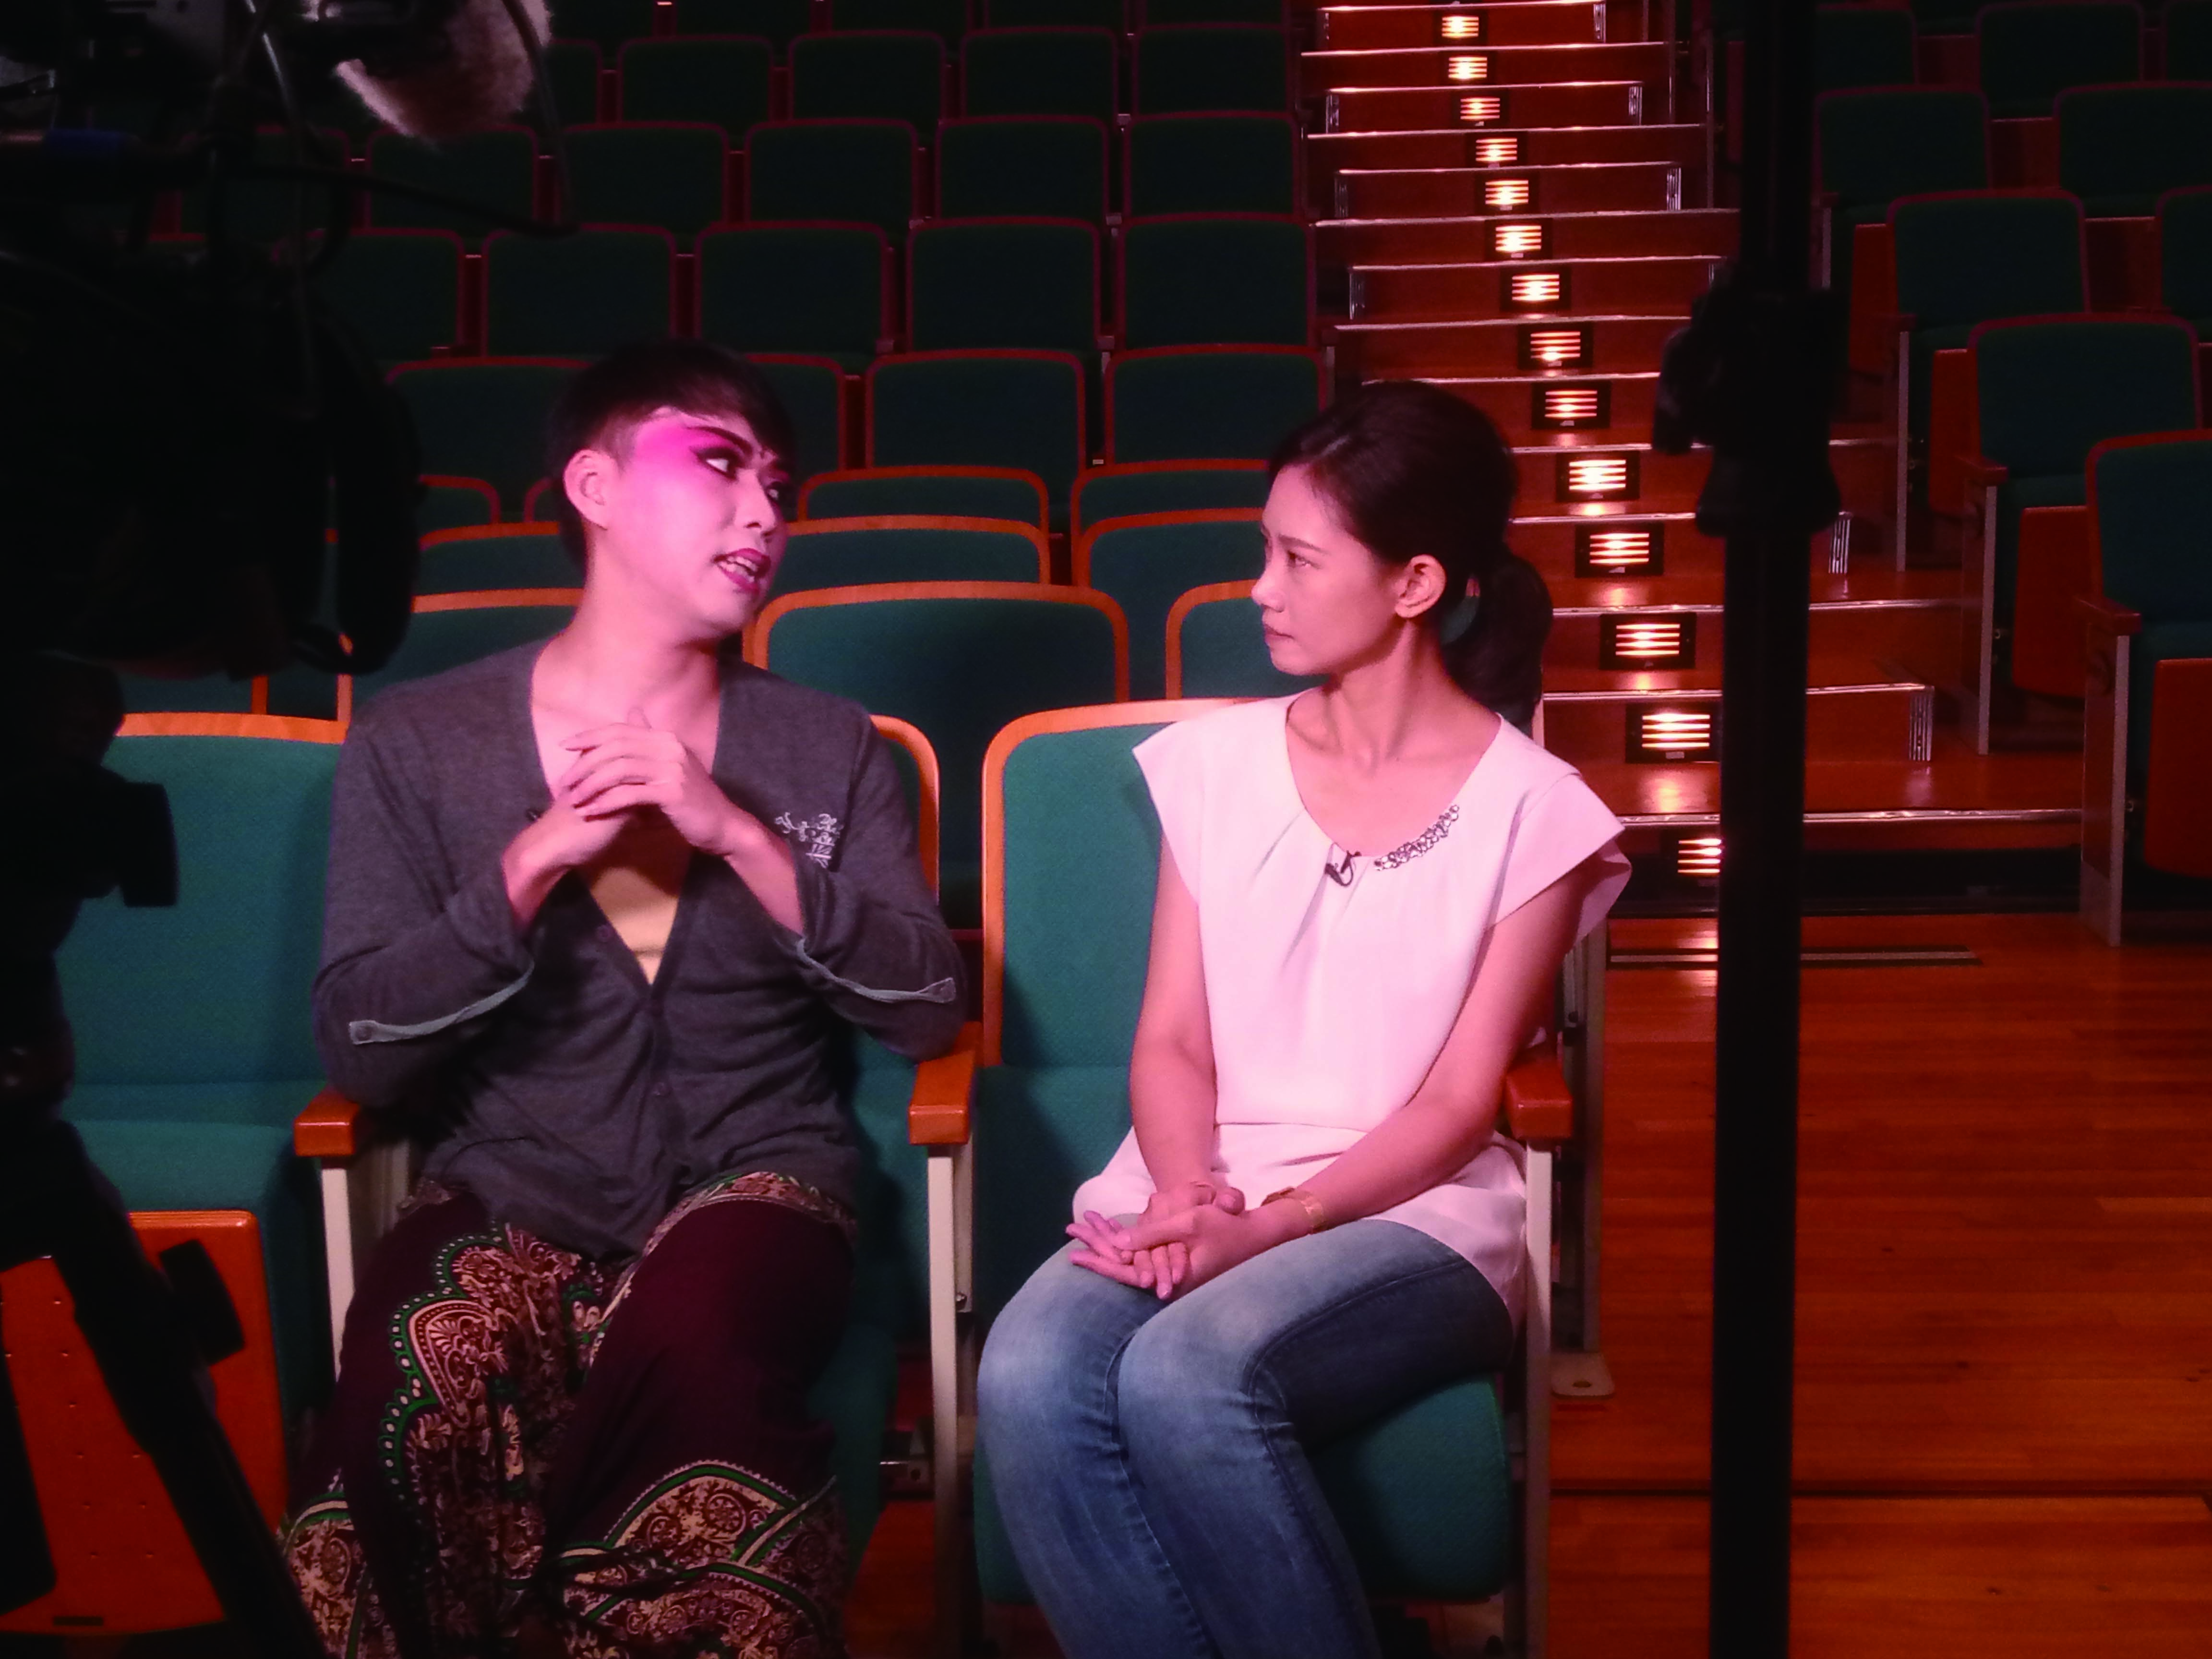 圖2邀請青年戲曲藝術家李文勳擔任劇團特聘導演,讓劇團的演出表現更為精緻、緊實。(圖為接受客家電視臺專訪,左為李文勳).jpg